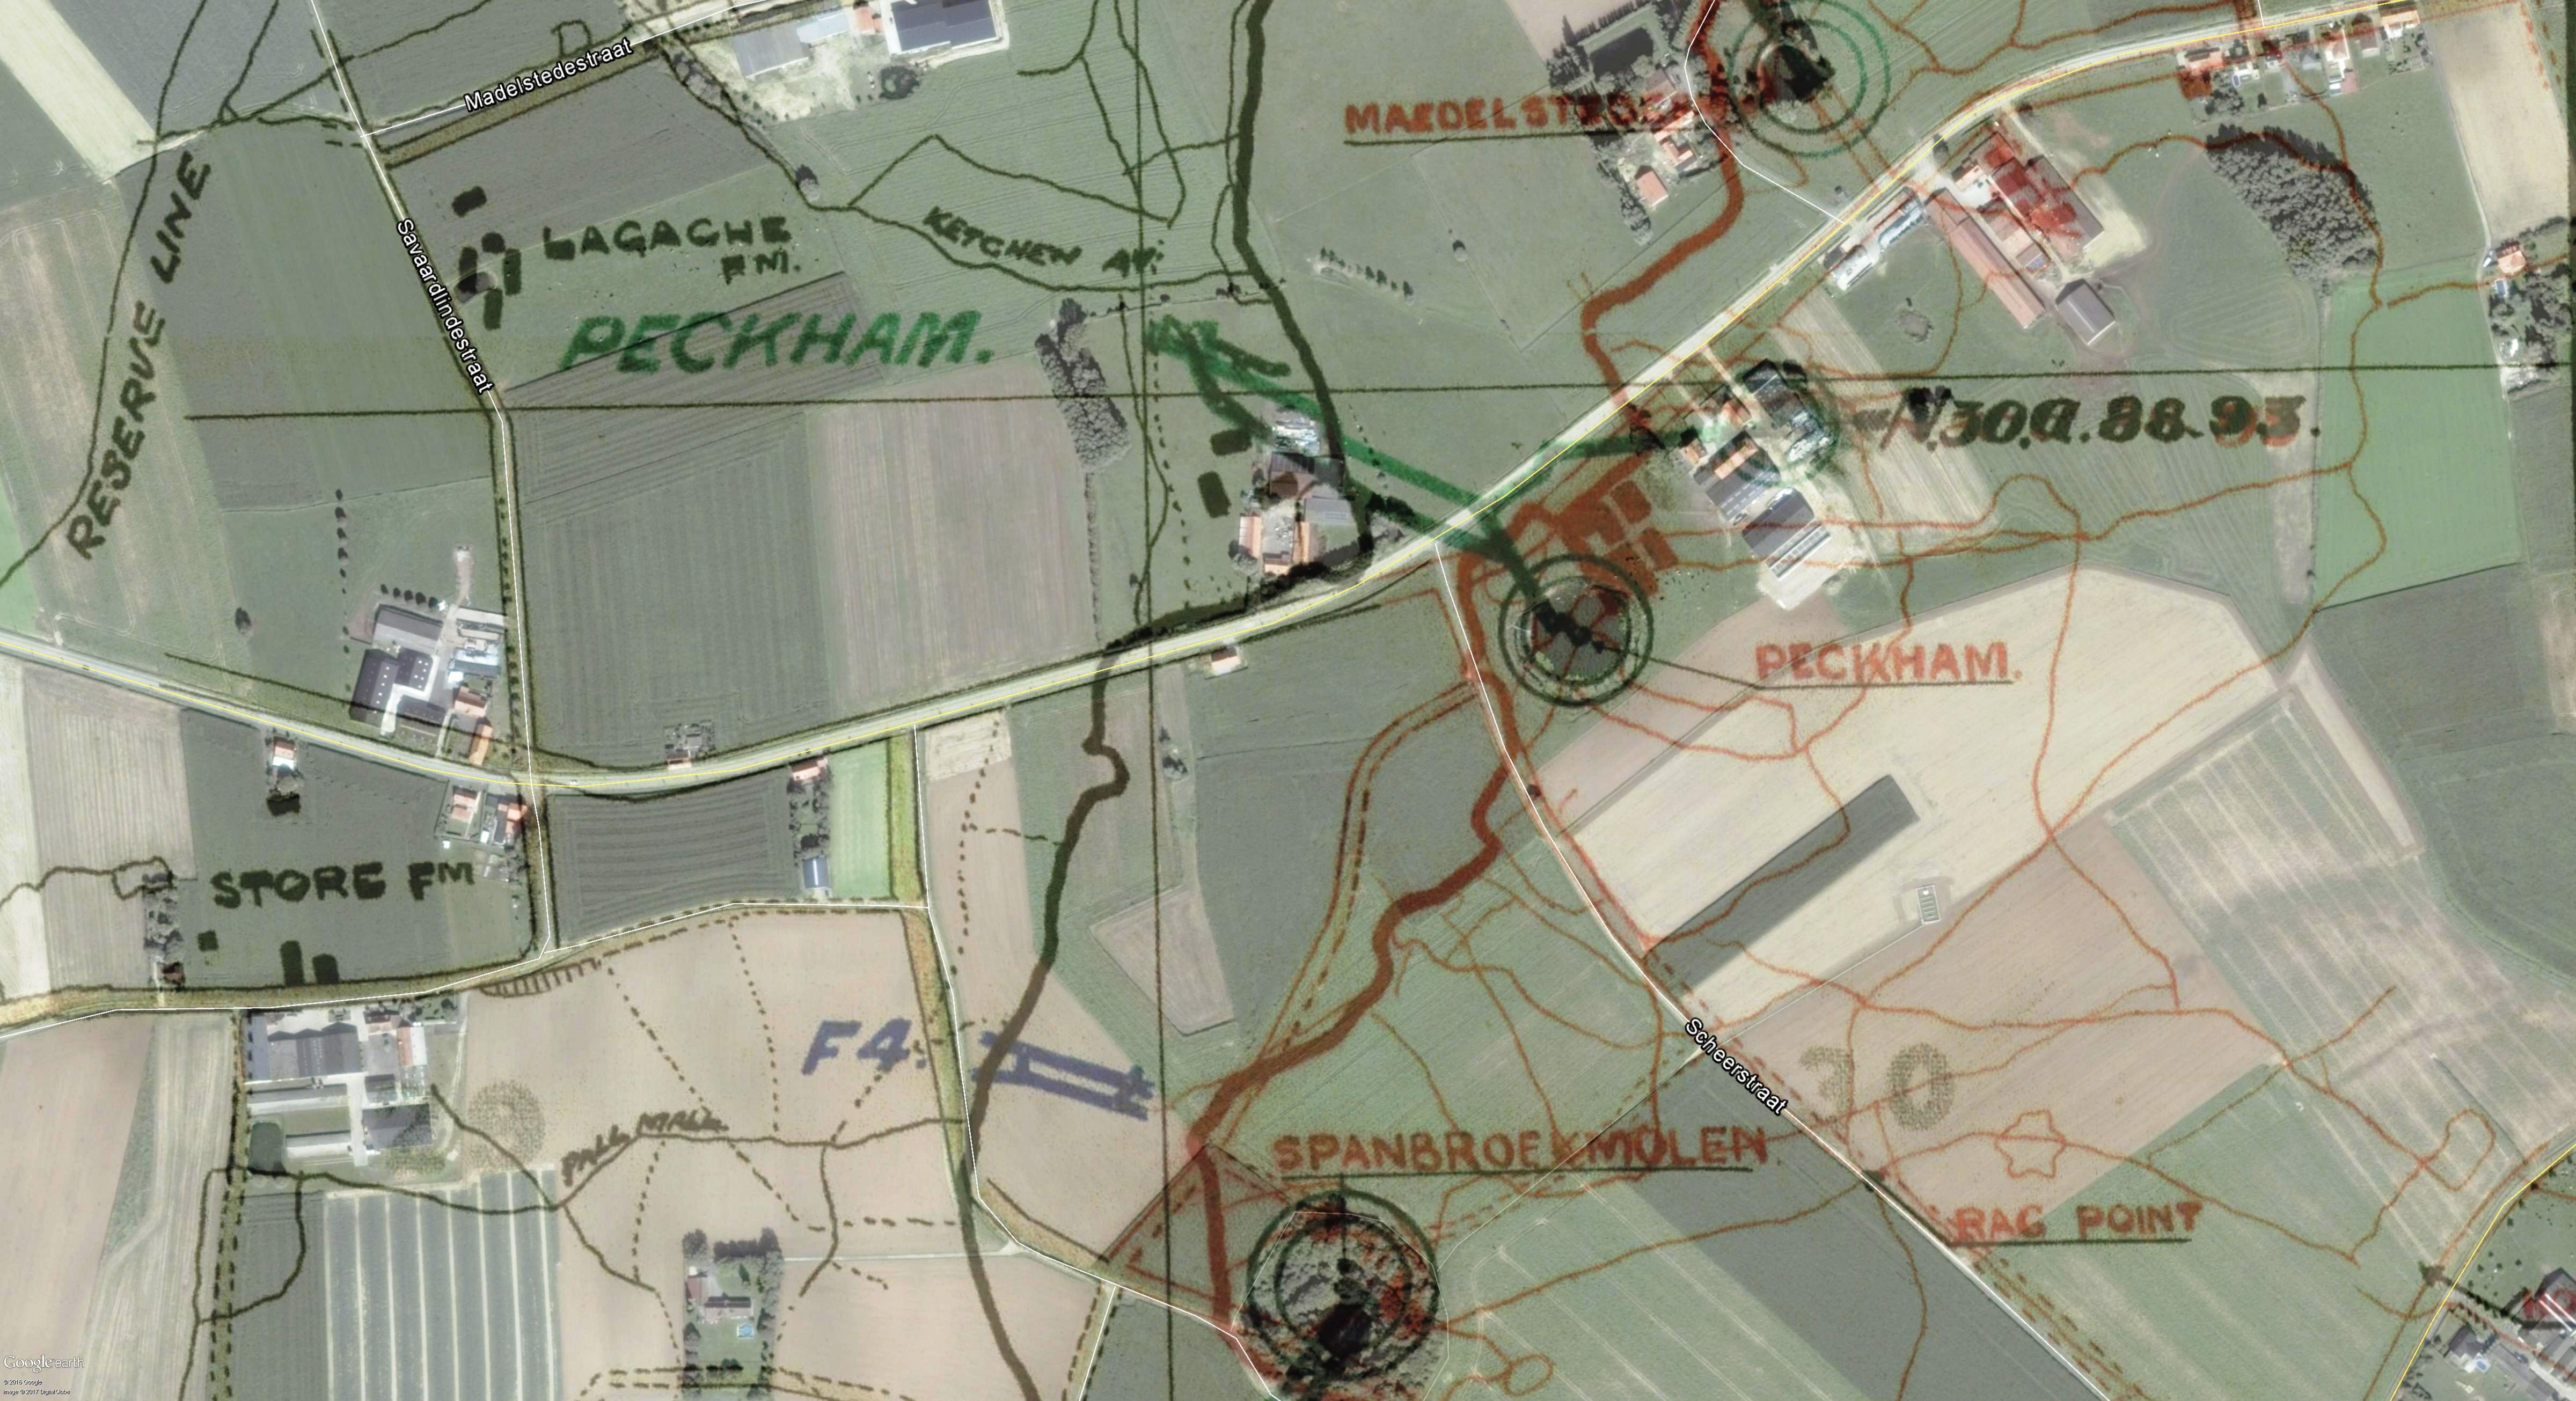 GE Peckham offensive schemes3corr